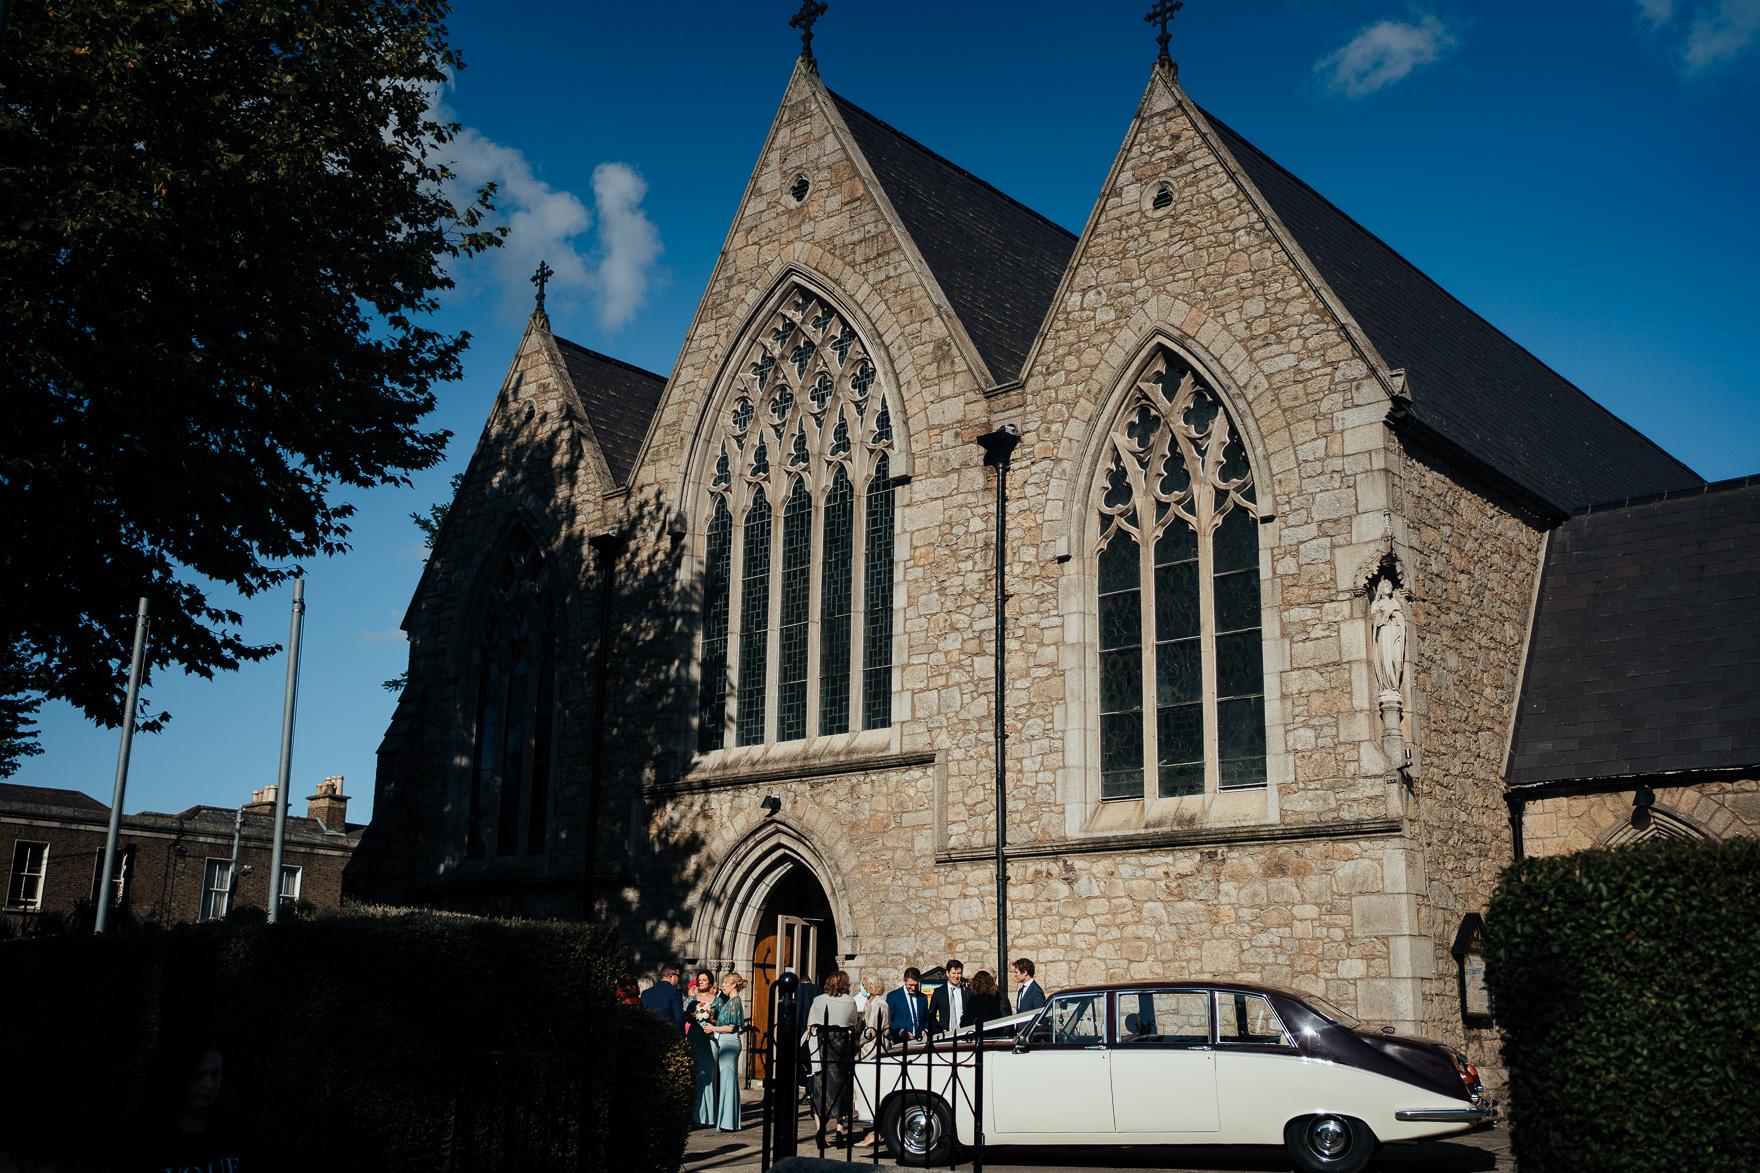 A close up of a church